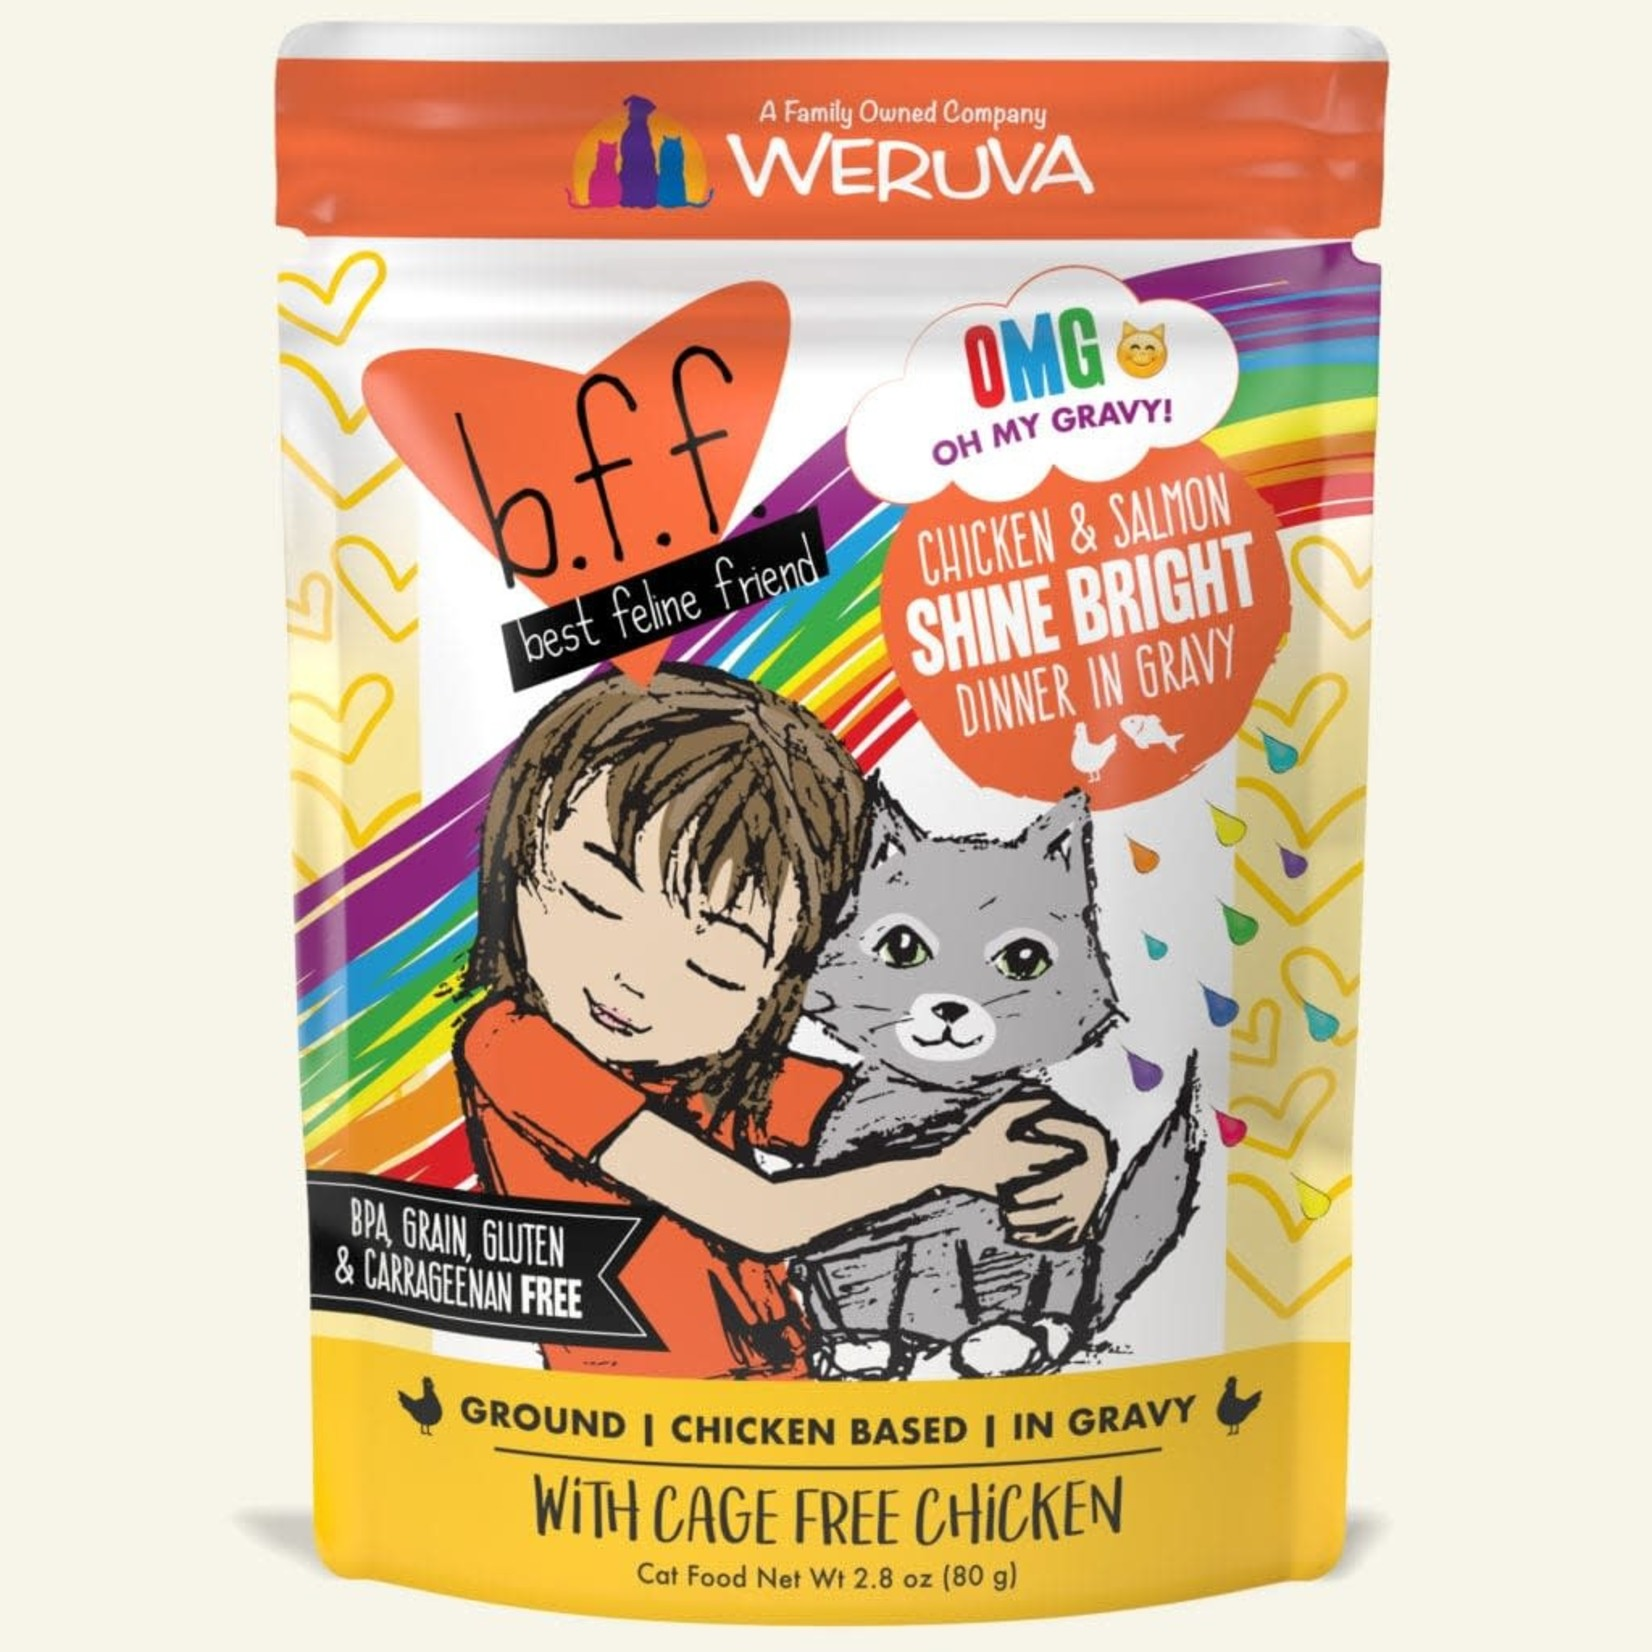 Weruva Inc. BFF OMG Cat Chicken & Salmon Shine Bright 2.8 OZ Pouch